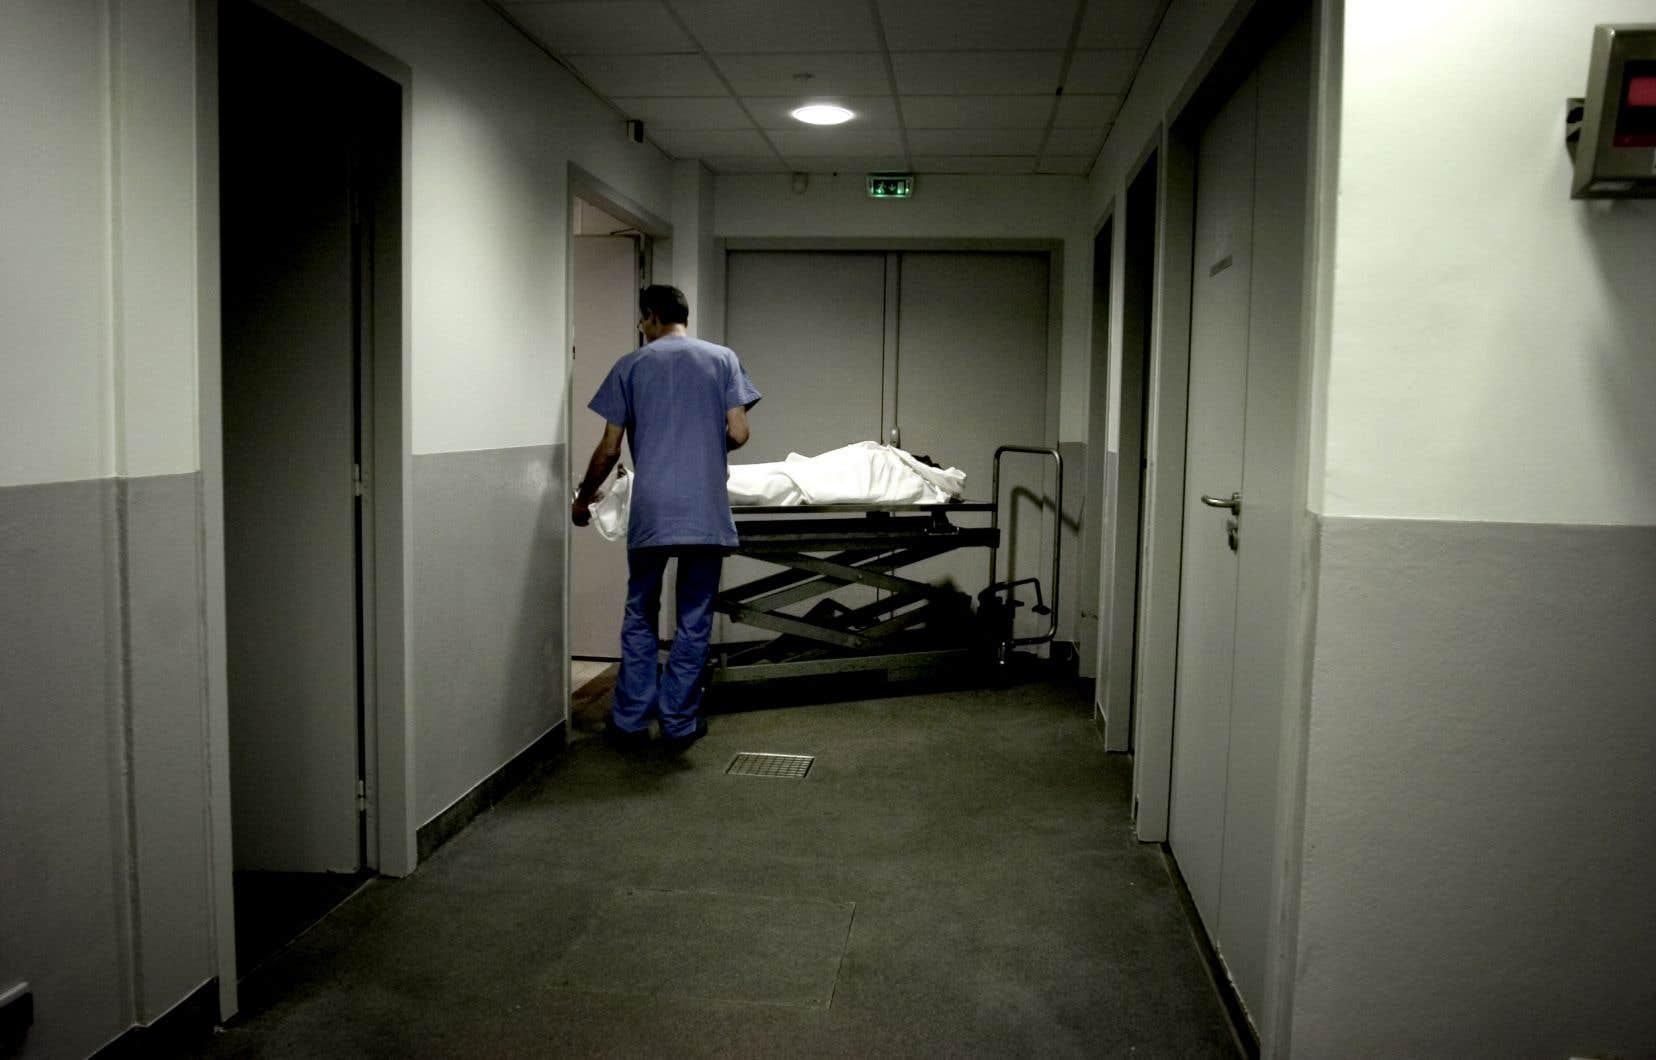 Les médecins partout au Canada devront remplir ce formulaire dès jeudi, alors qu'entre en vigueur le règlement fédéral sur la surveillance de l'aide médicale à mourir.